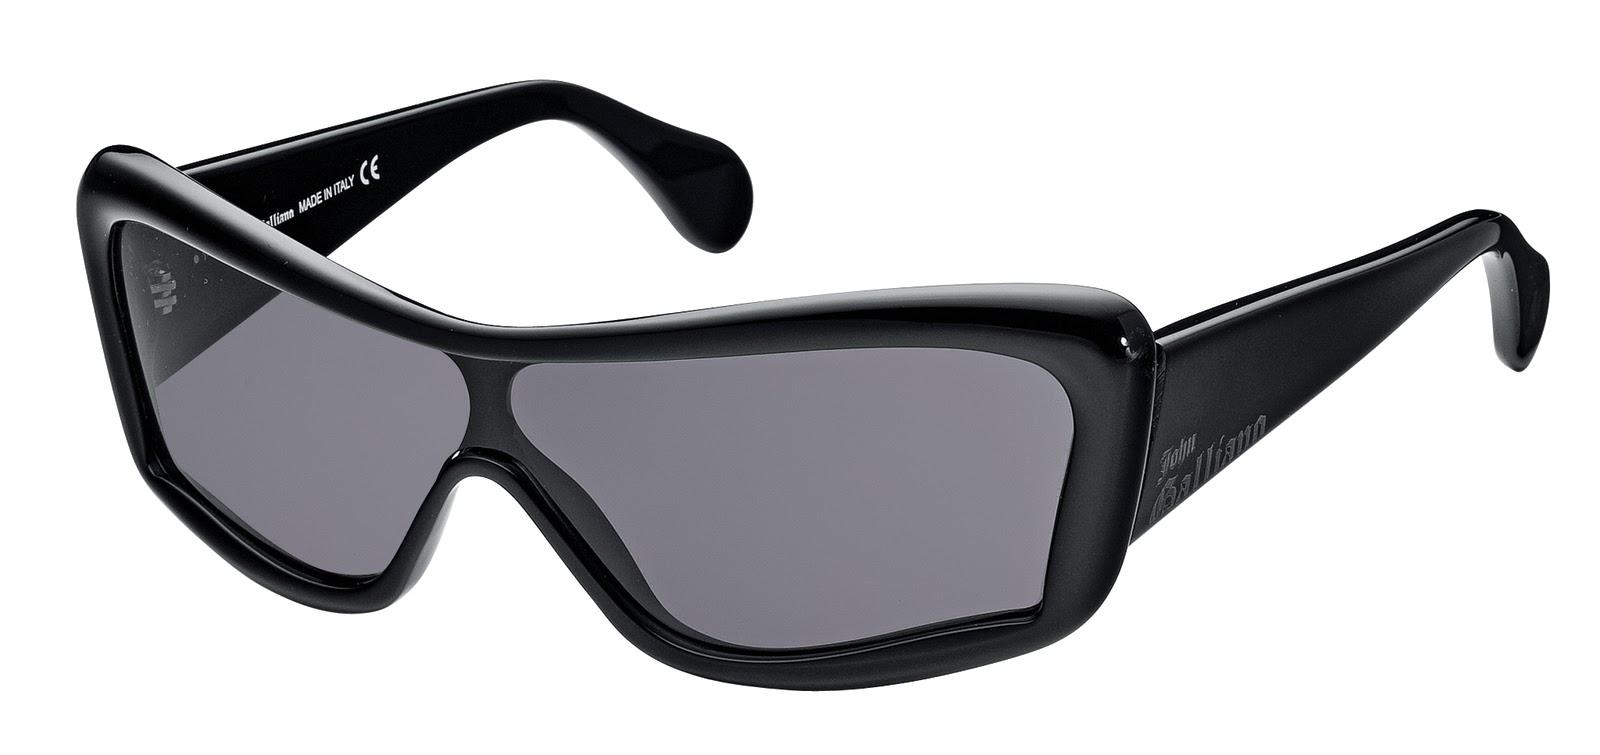 the eternity eyewear the galliano range of